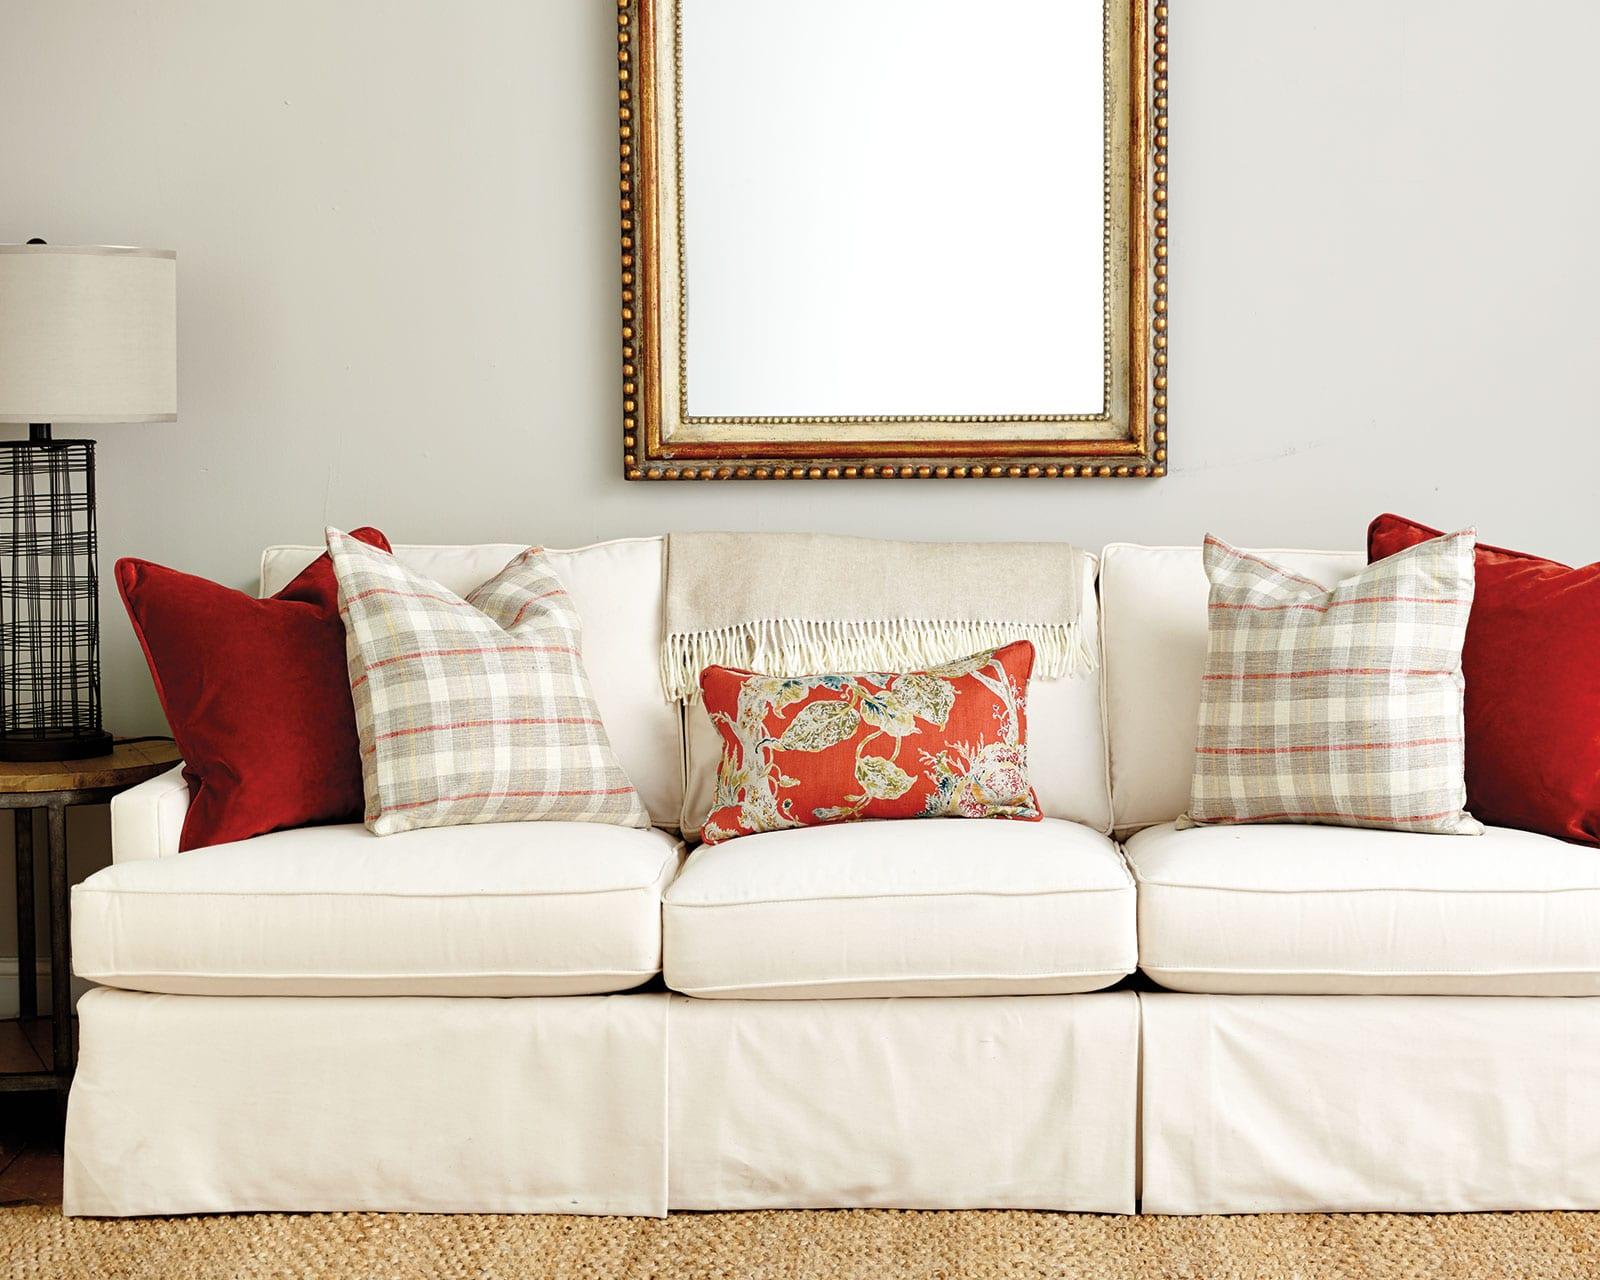 Sturdy Barrel Orange Lumbar Throw Pillows Spicy Orange Throw Pillows On A Sofa Guide To Choosing Throw Pillows How To Decorate Orange Throw Pillows Crate houzz-03 Orange Throw Pillows